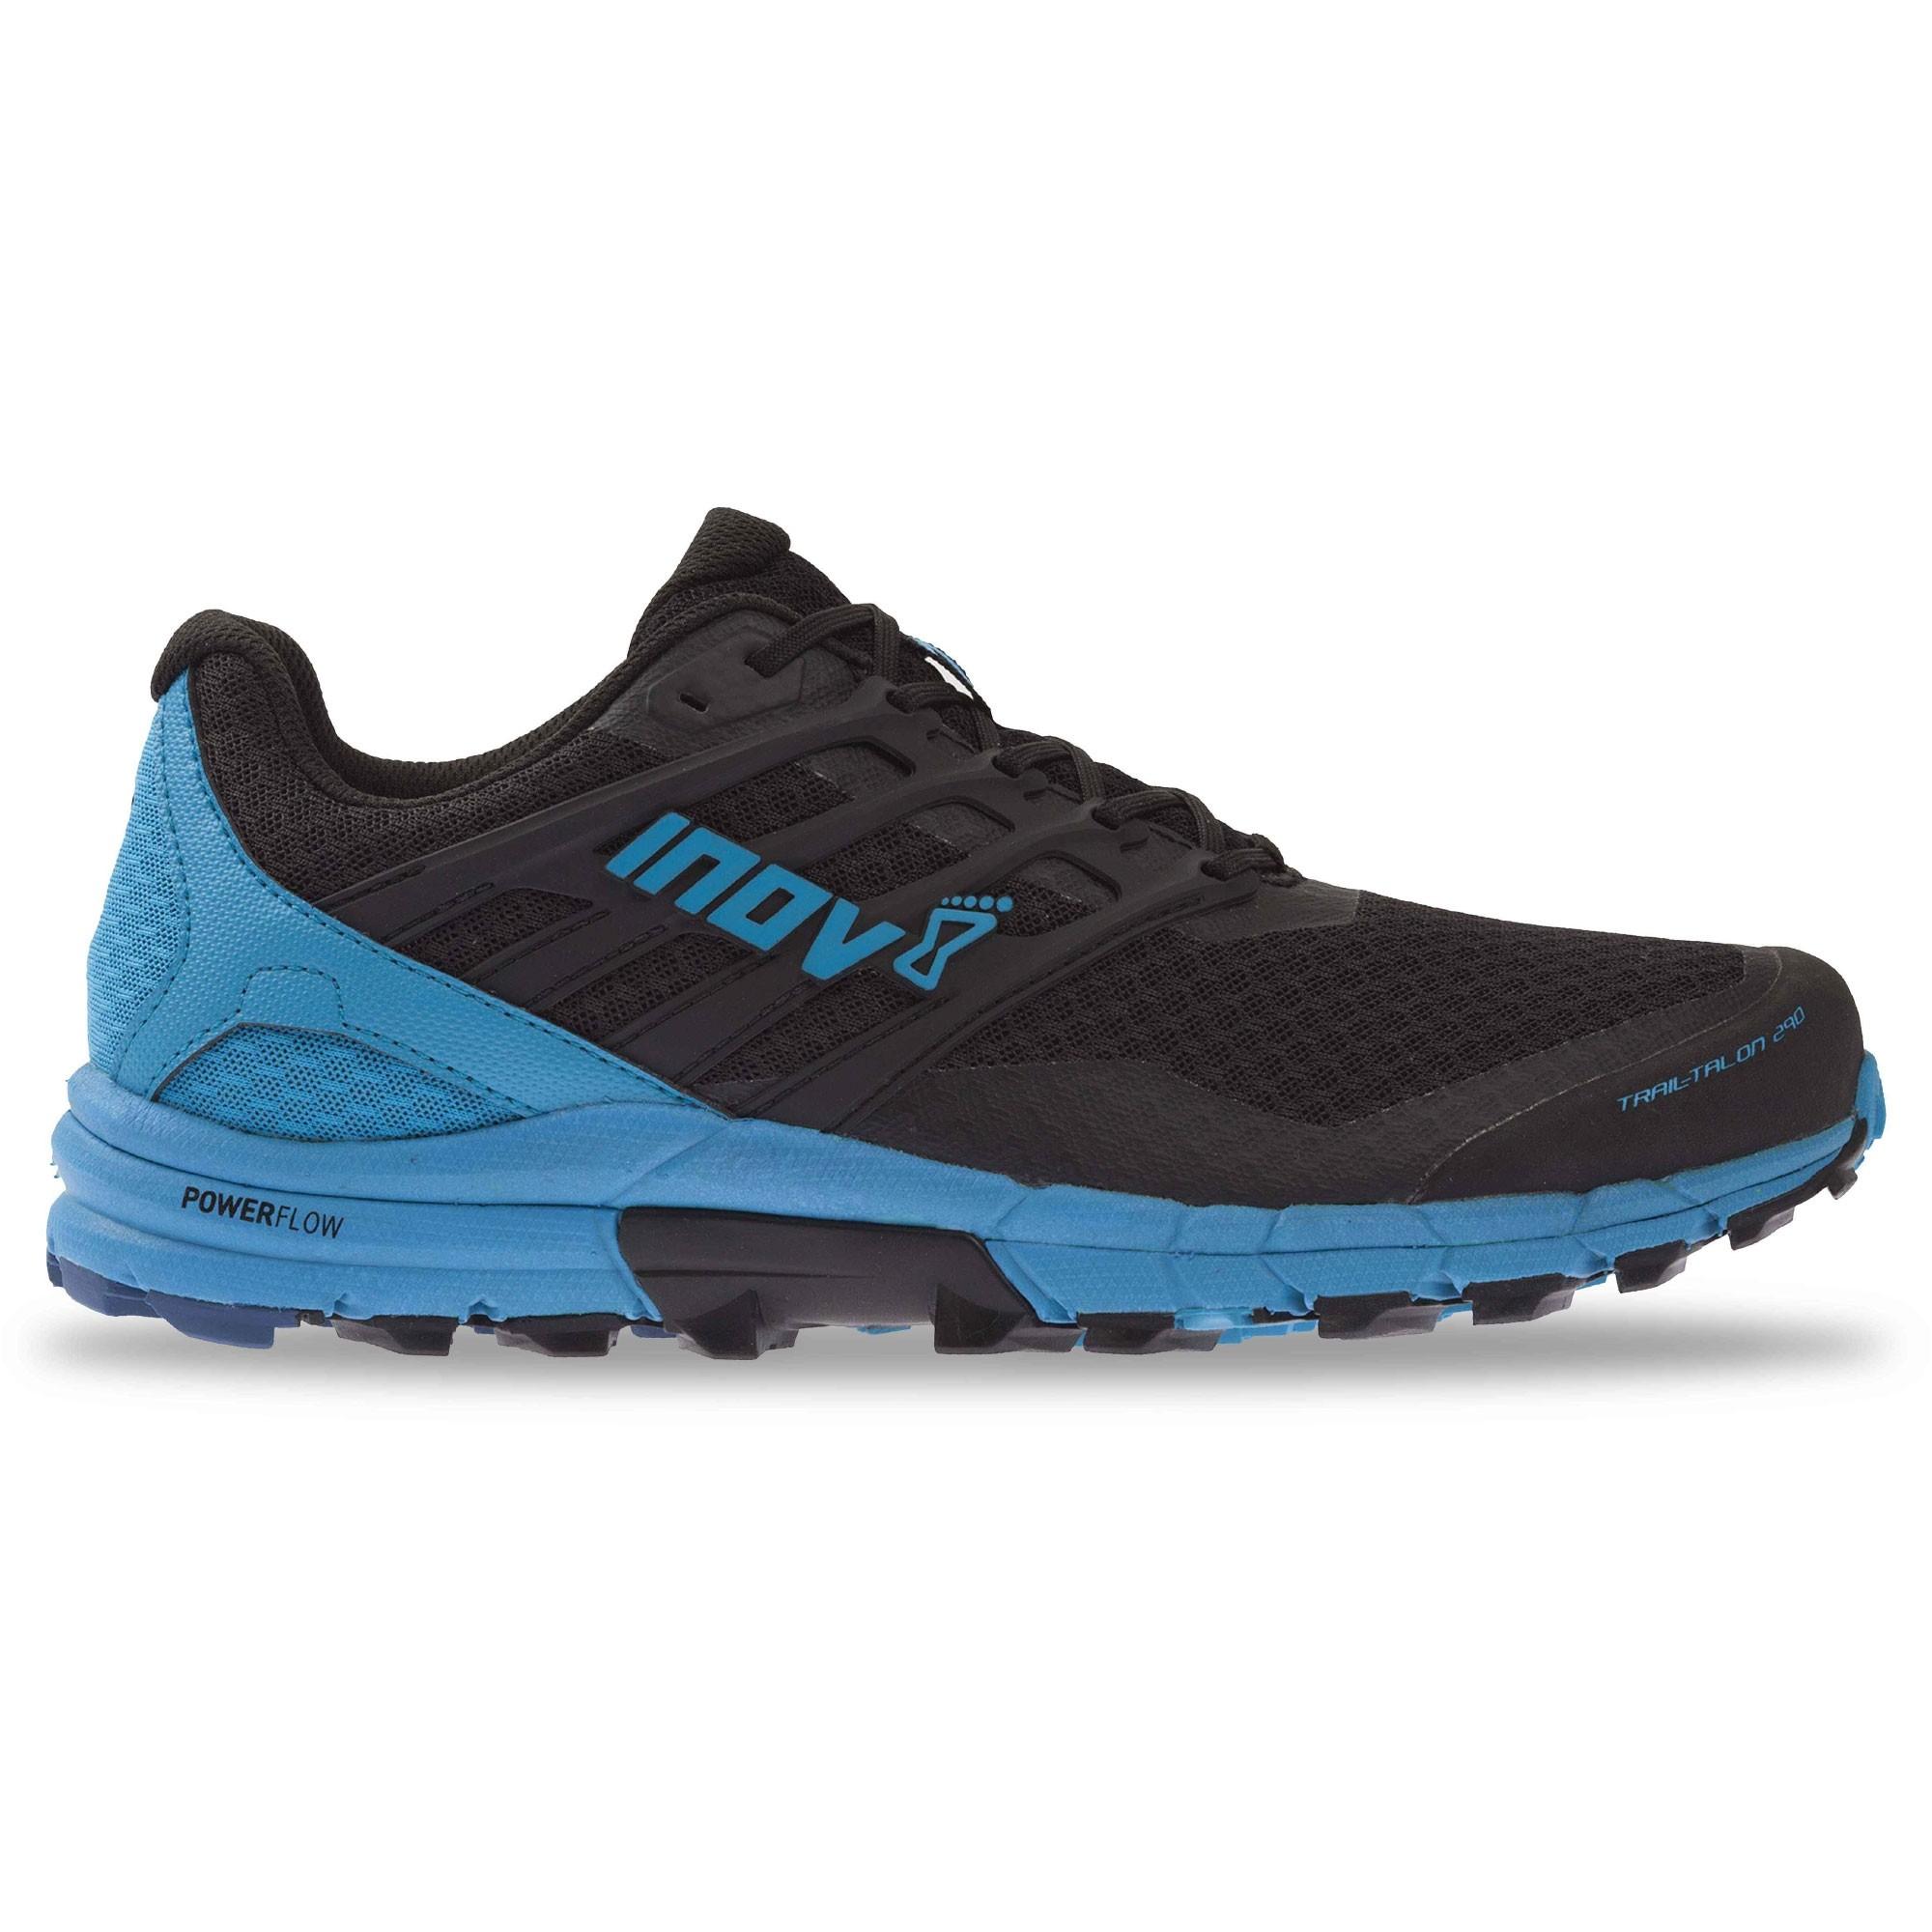 Inov8 Trail Talon 290 Trail Running Shoes - Black/Blue - Side 2